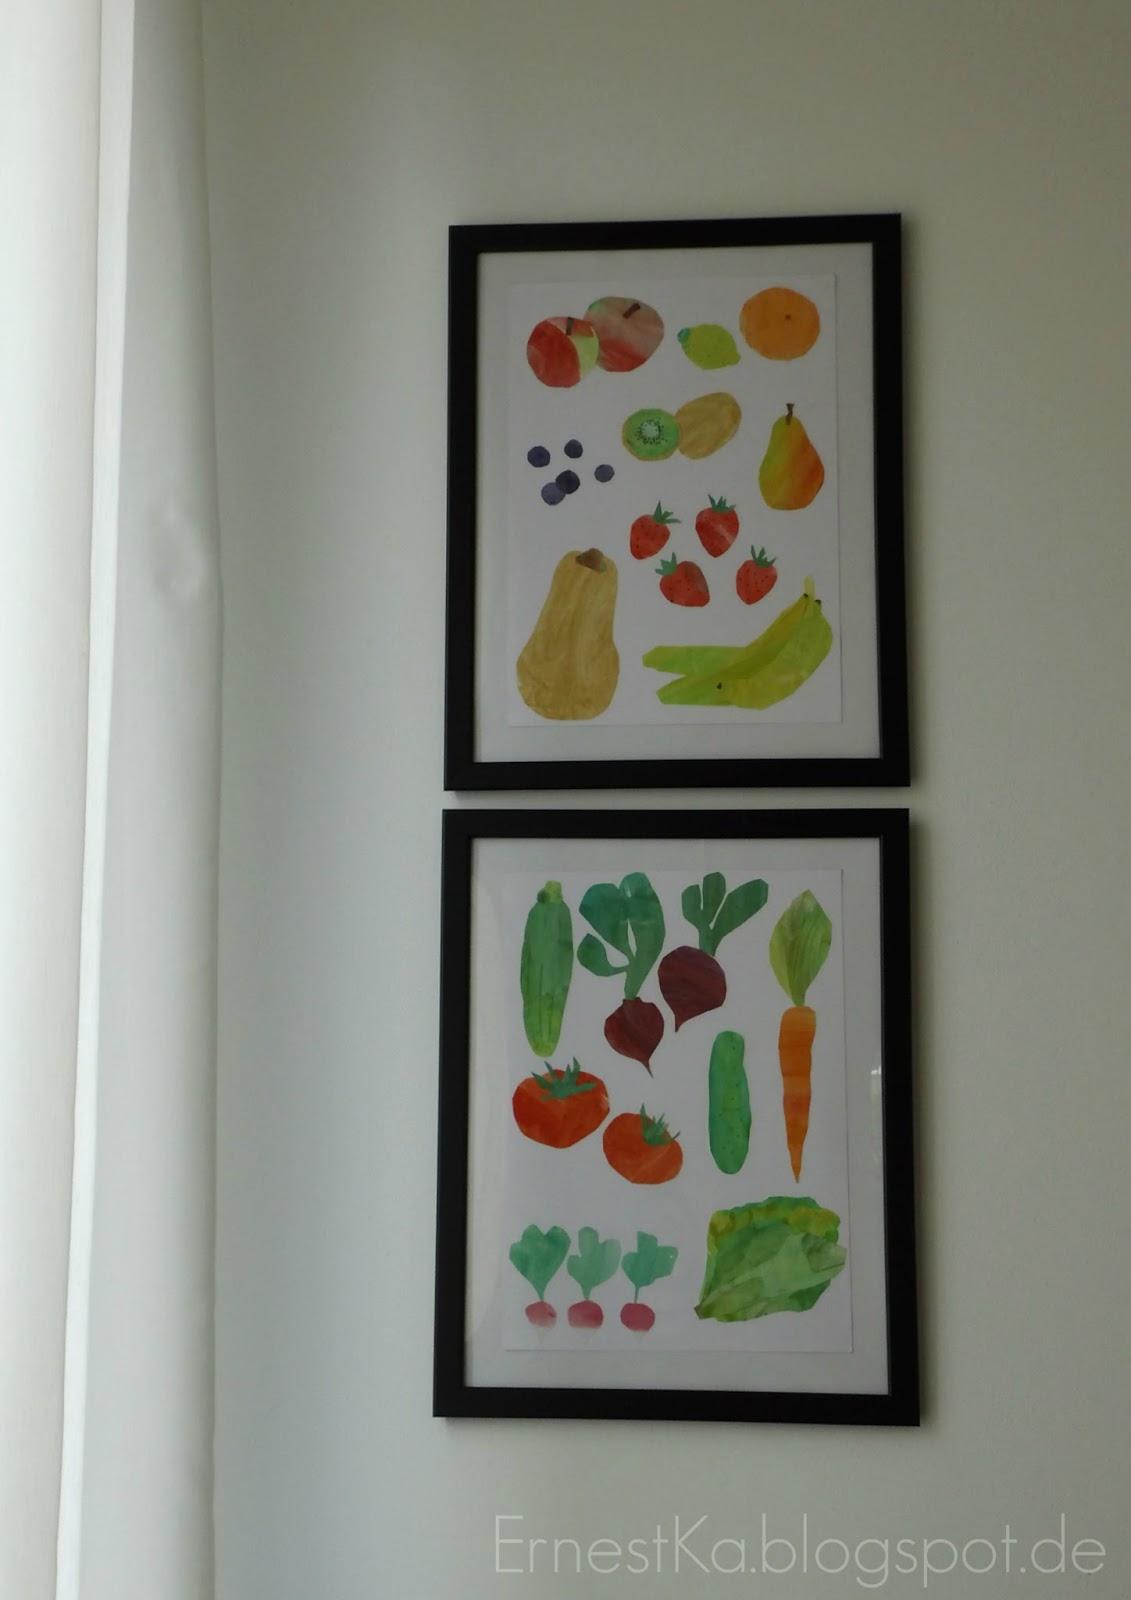 ErnestKa: Junges Gemüse- Lustige Obst & Gemüse-Collage à la Eric Carle